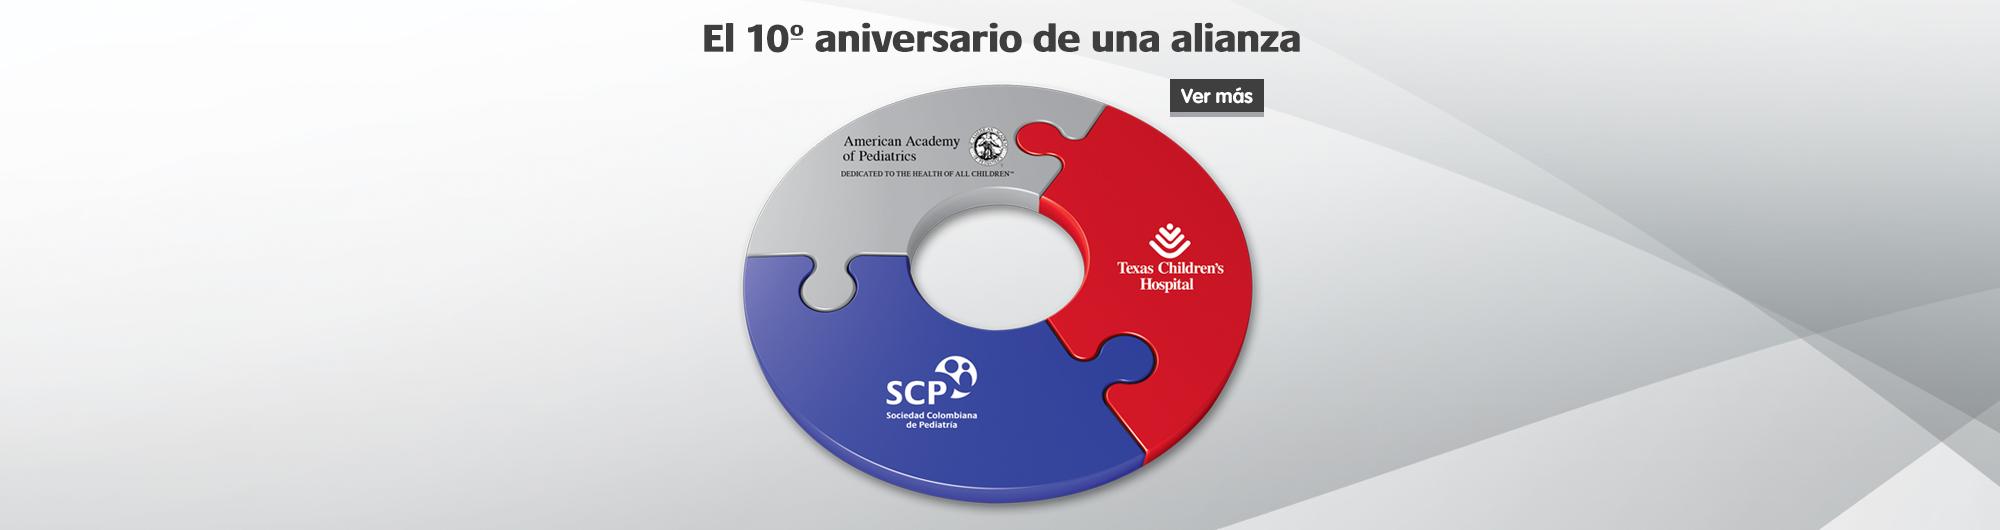 Banner-aliados-académicos-V-SIAP-slider-web-SCP-abril-2016